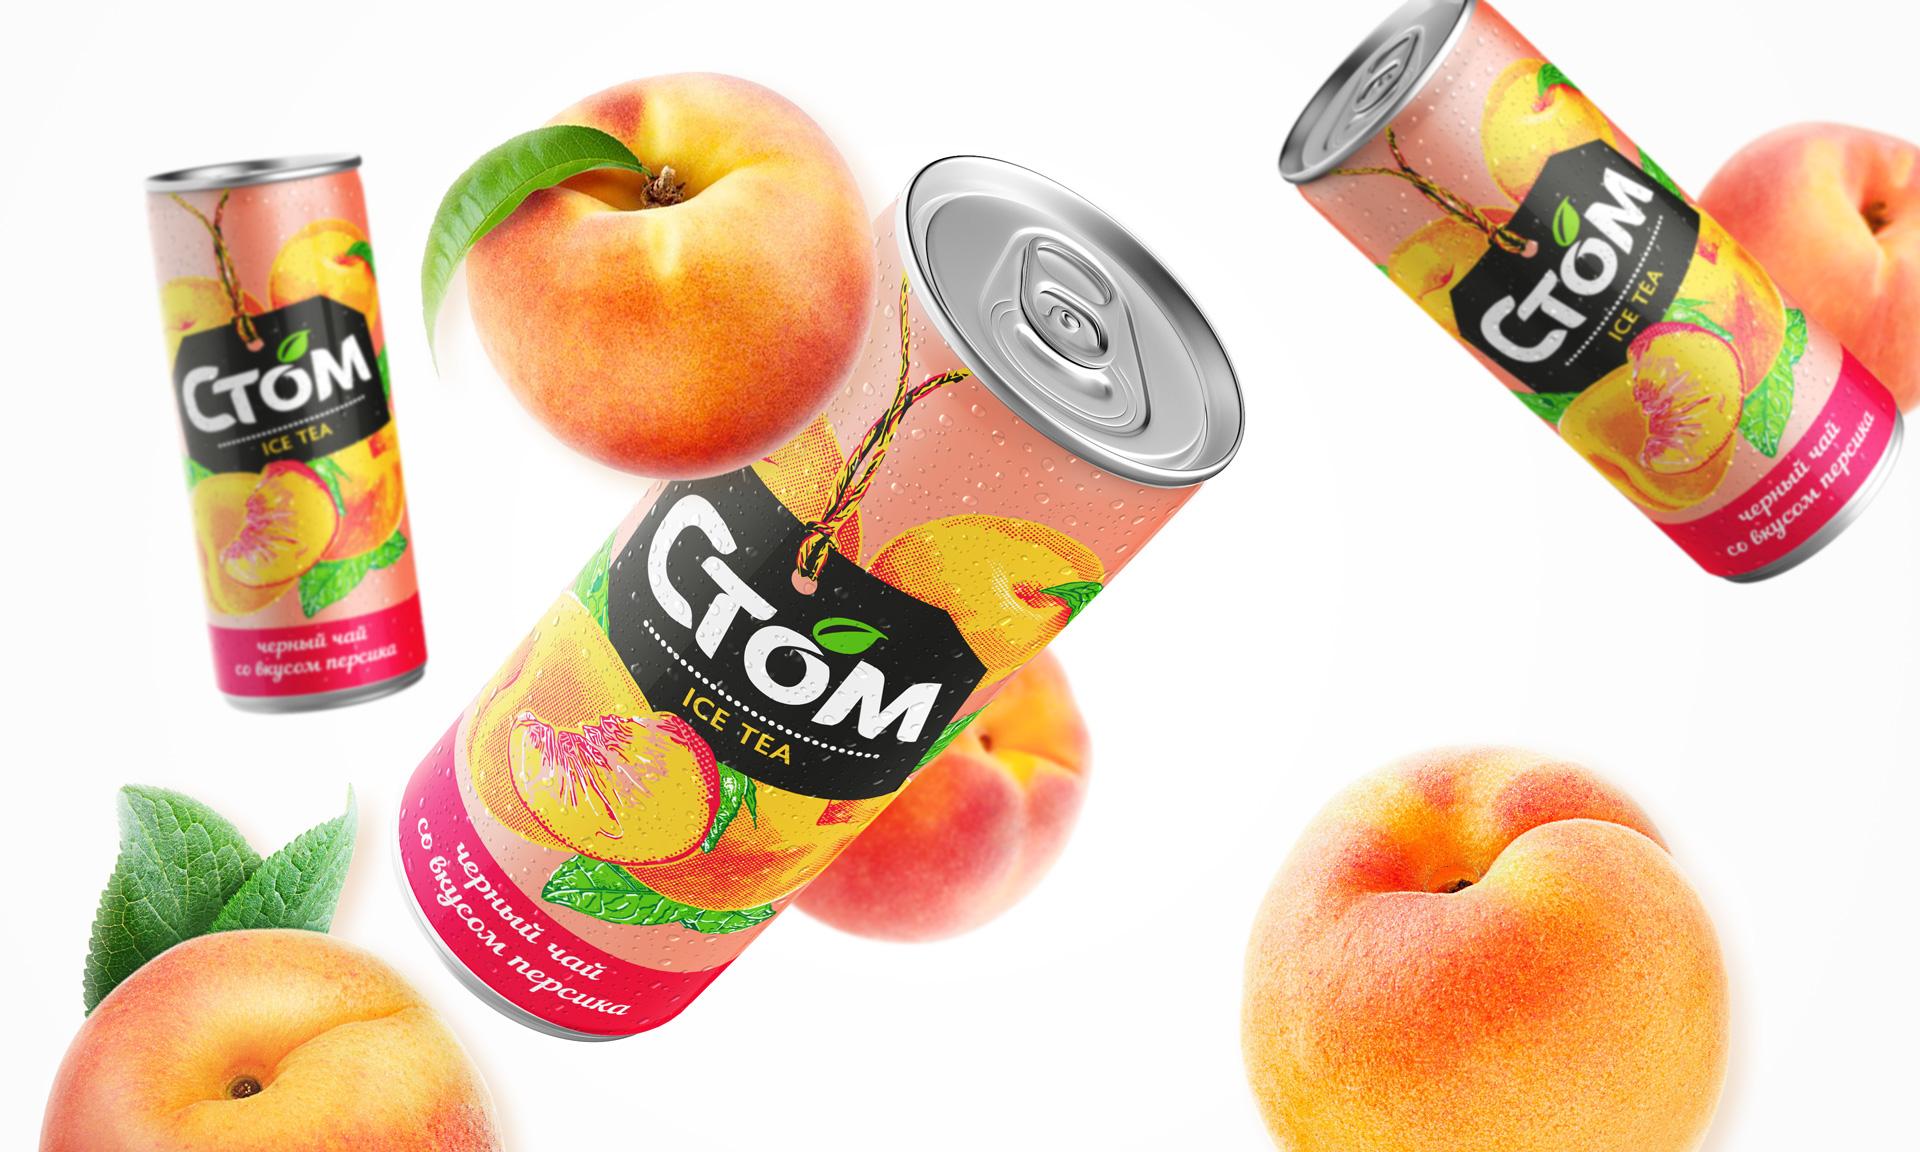 Асгард Брендинг, дизайн упаковки, редизайн, ребрендинг товарной марки, стом, холодный чай, stom, дизайн банки, напитки, soft drink, peach, персик